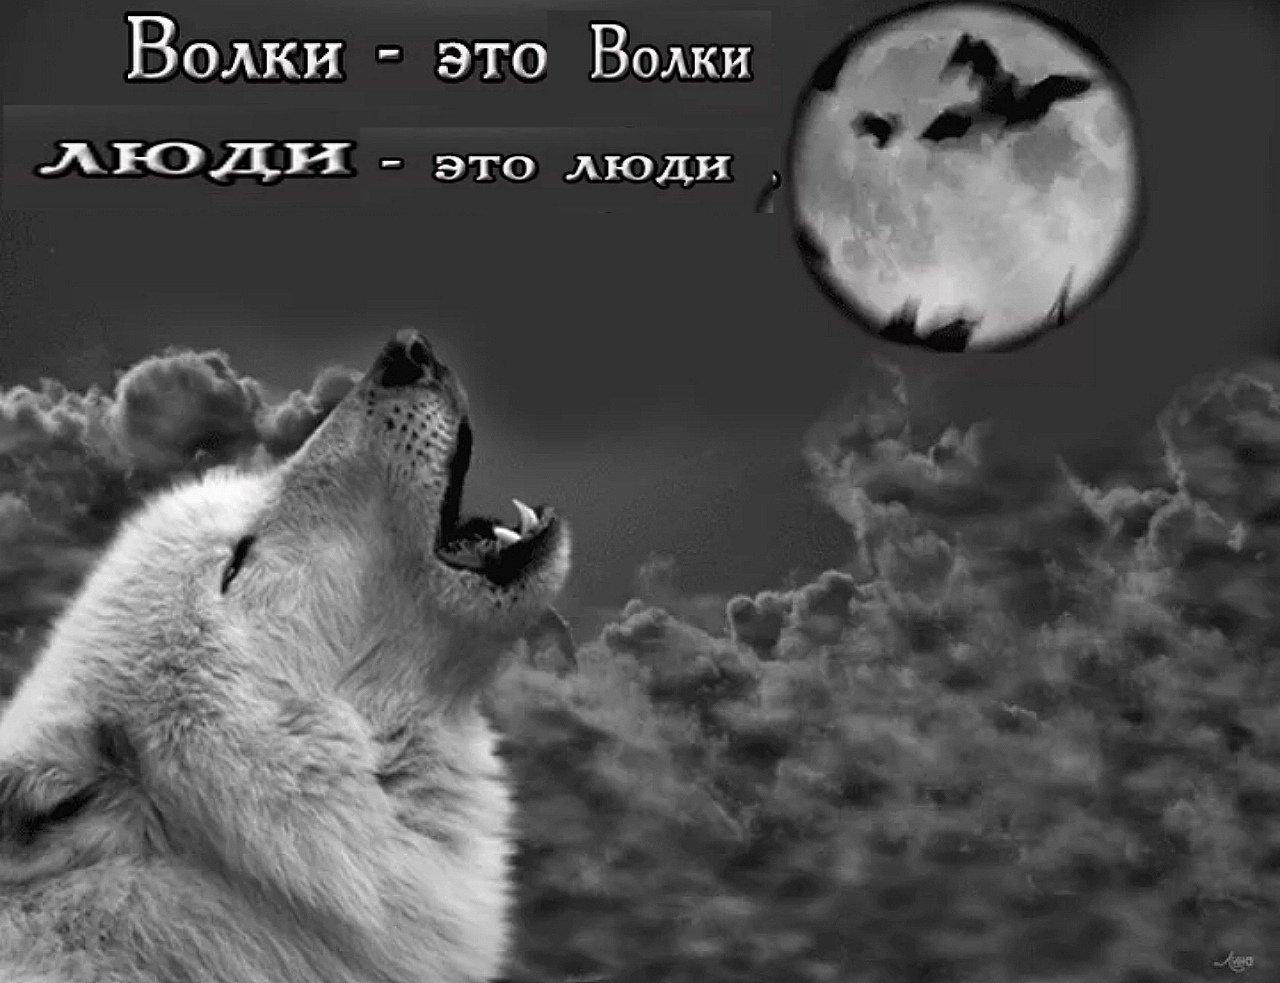 Фото волка с надписью, фон для открытки